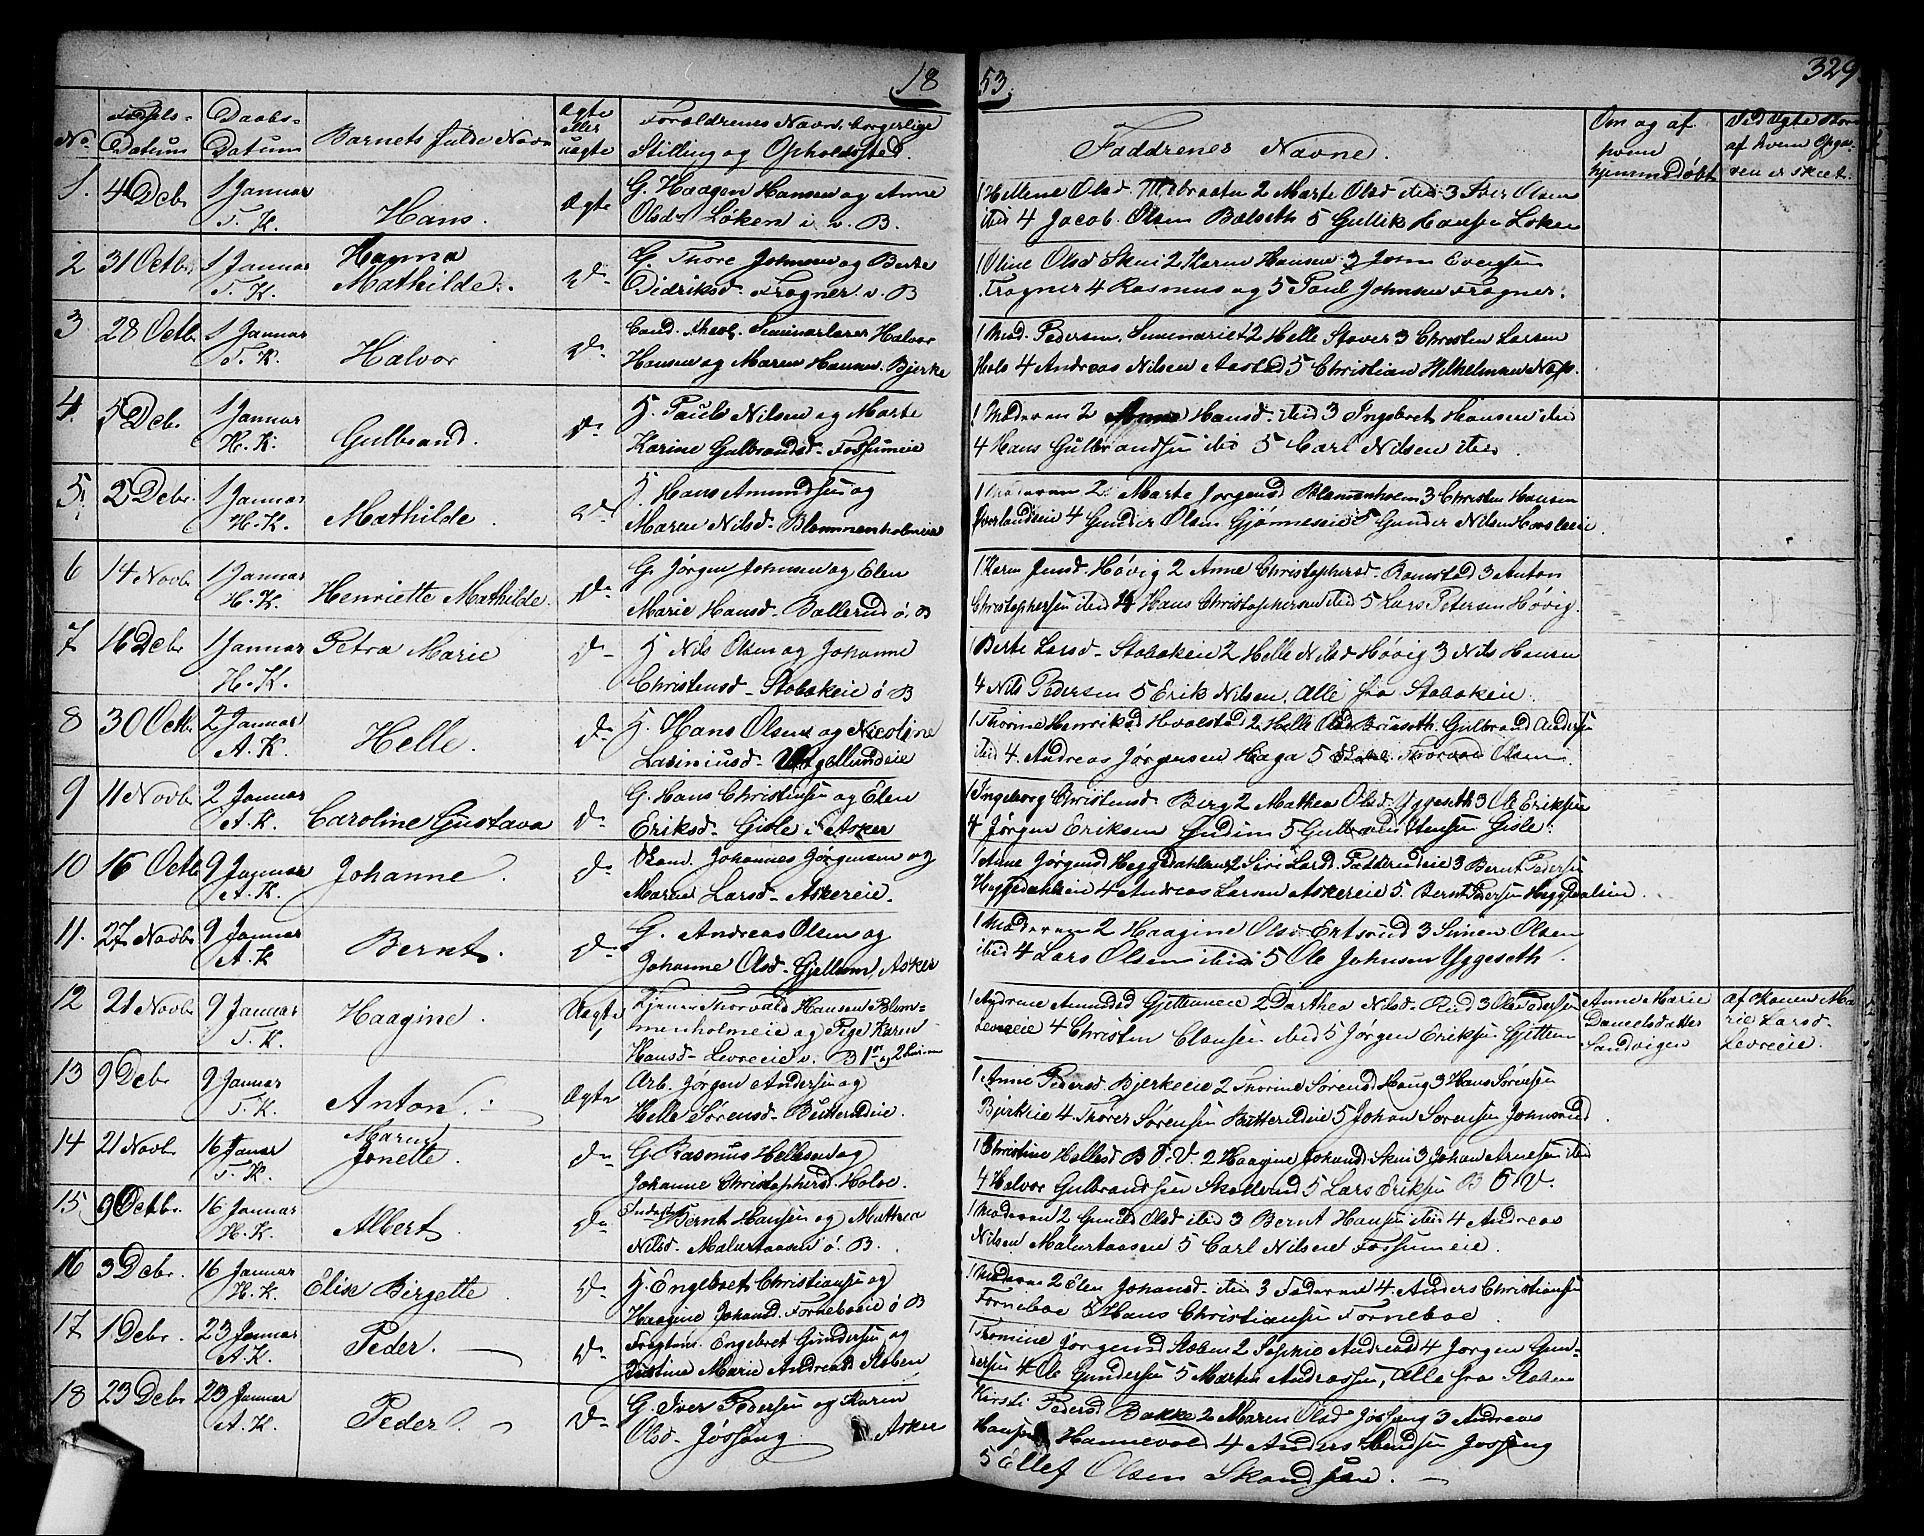 SAO, Asker prestekontor Kirkebøker, F/Fa/L0007: Ministerialbok nr. I 7, 1825-1864, s. 329